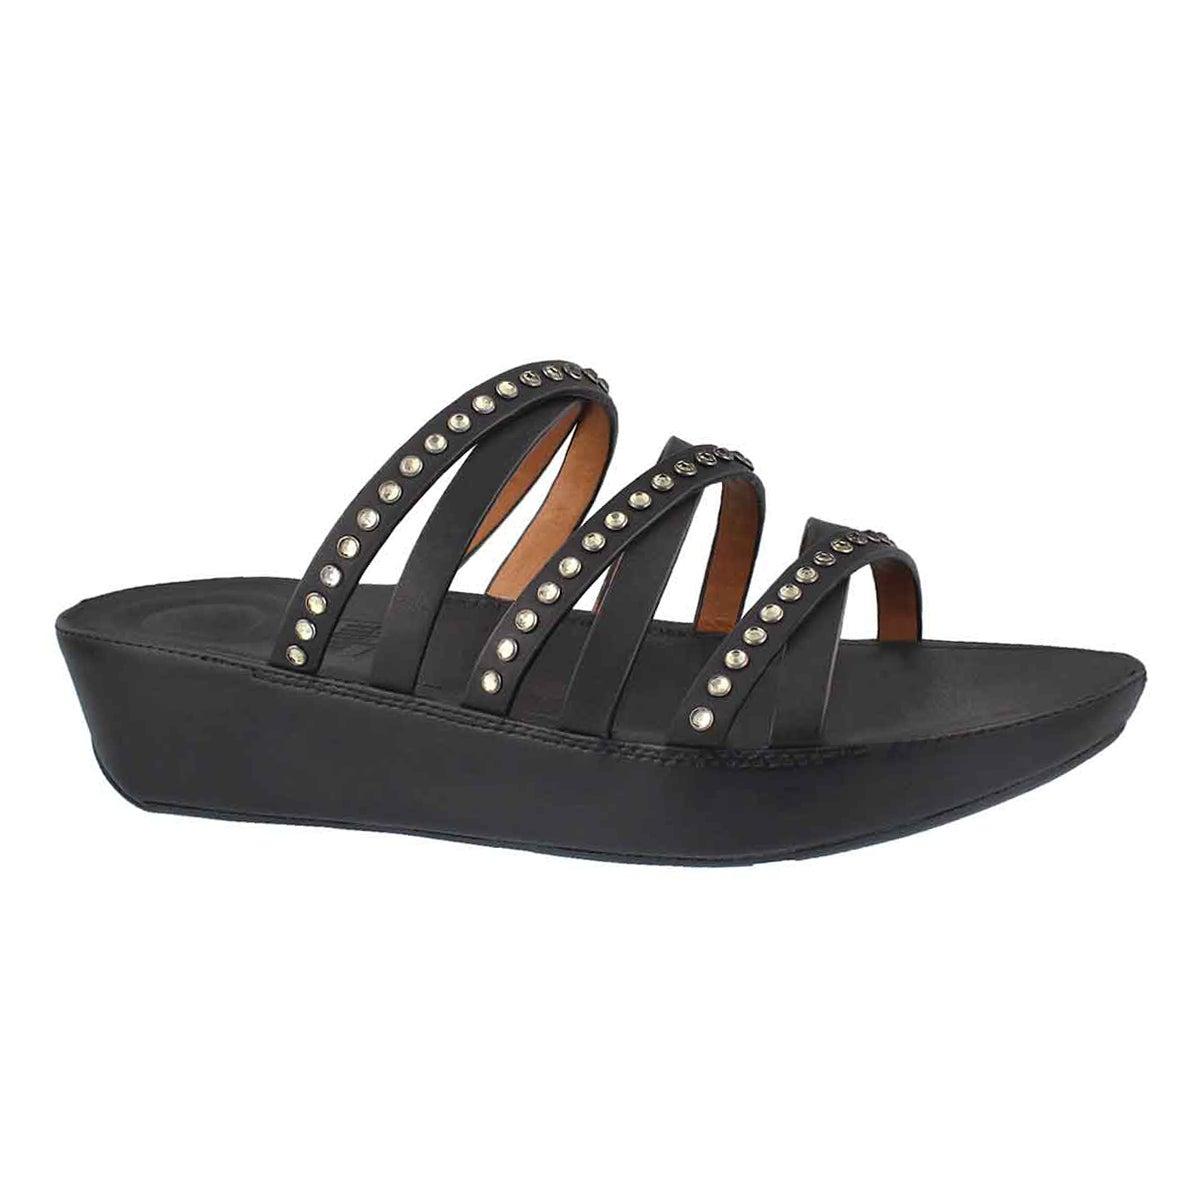 Lds Linny Crystal black slide sandal